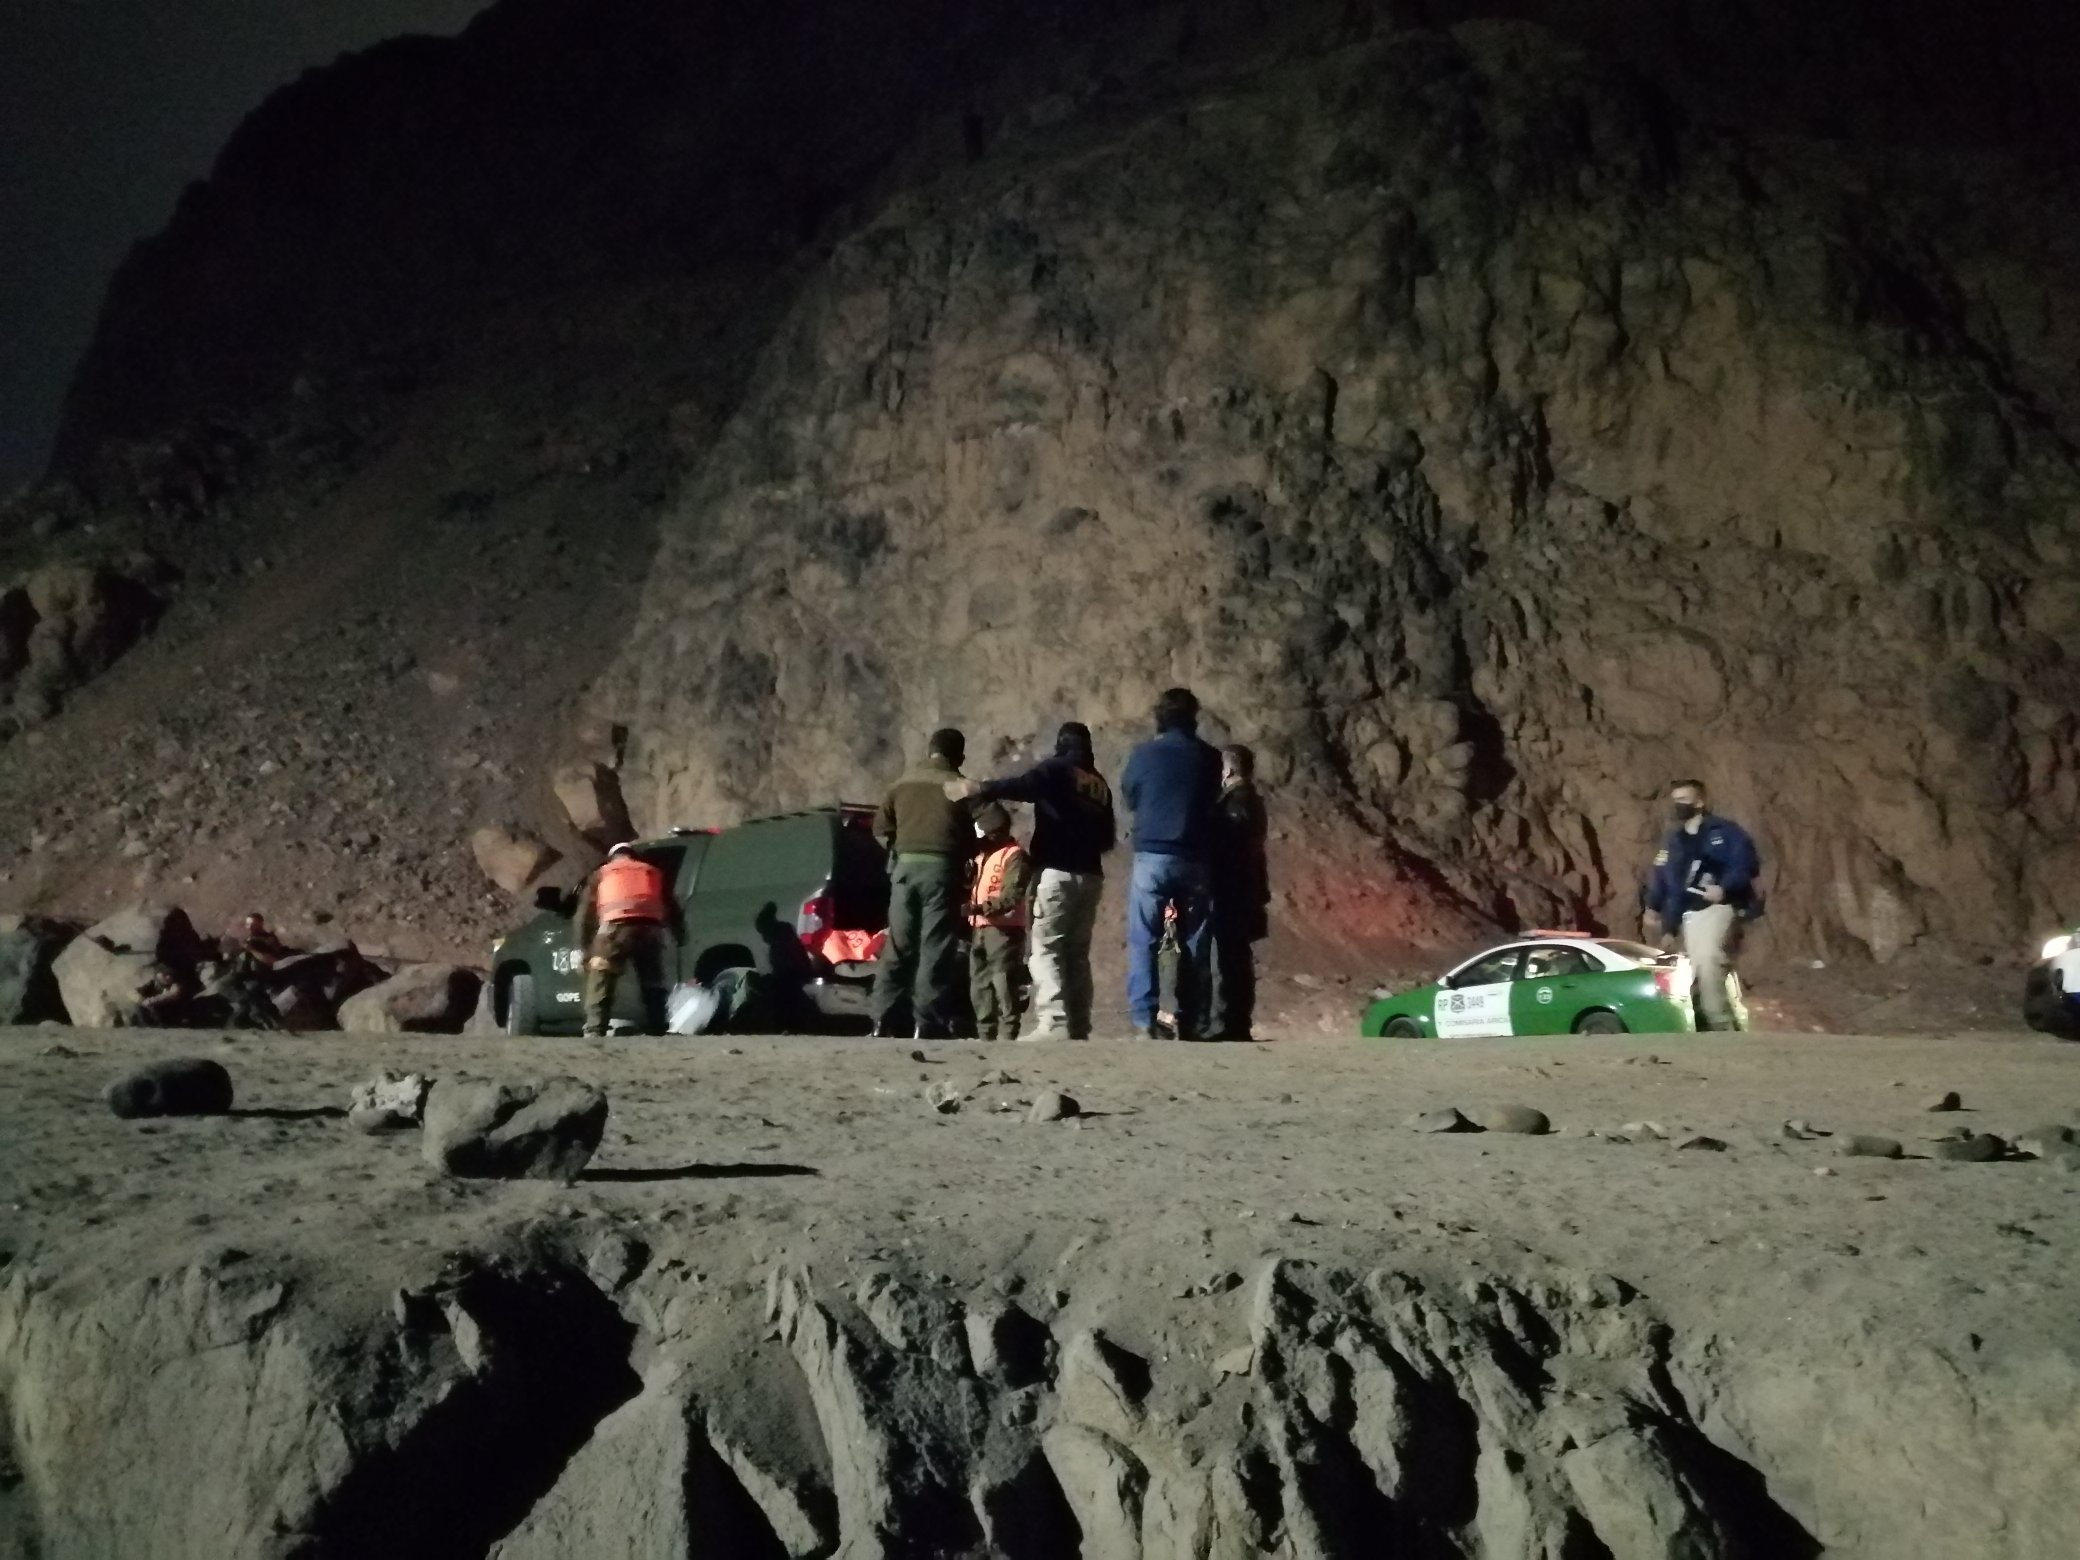 Noticias Chile   Joven se quitó la vida lanzándose desde el Morro de Arica